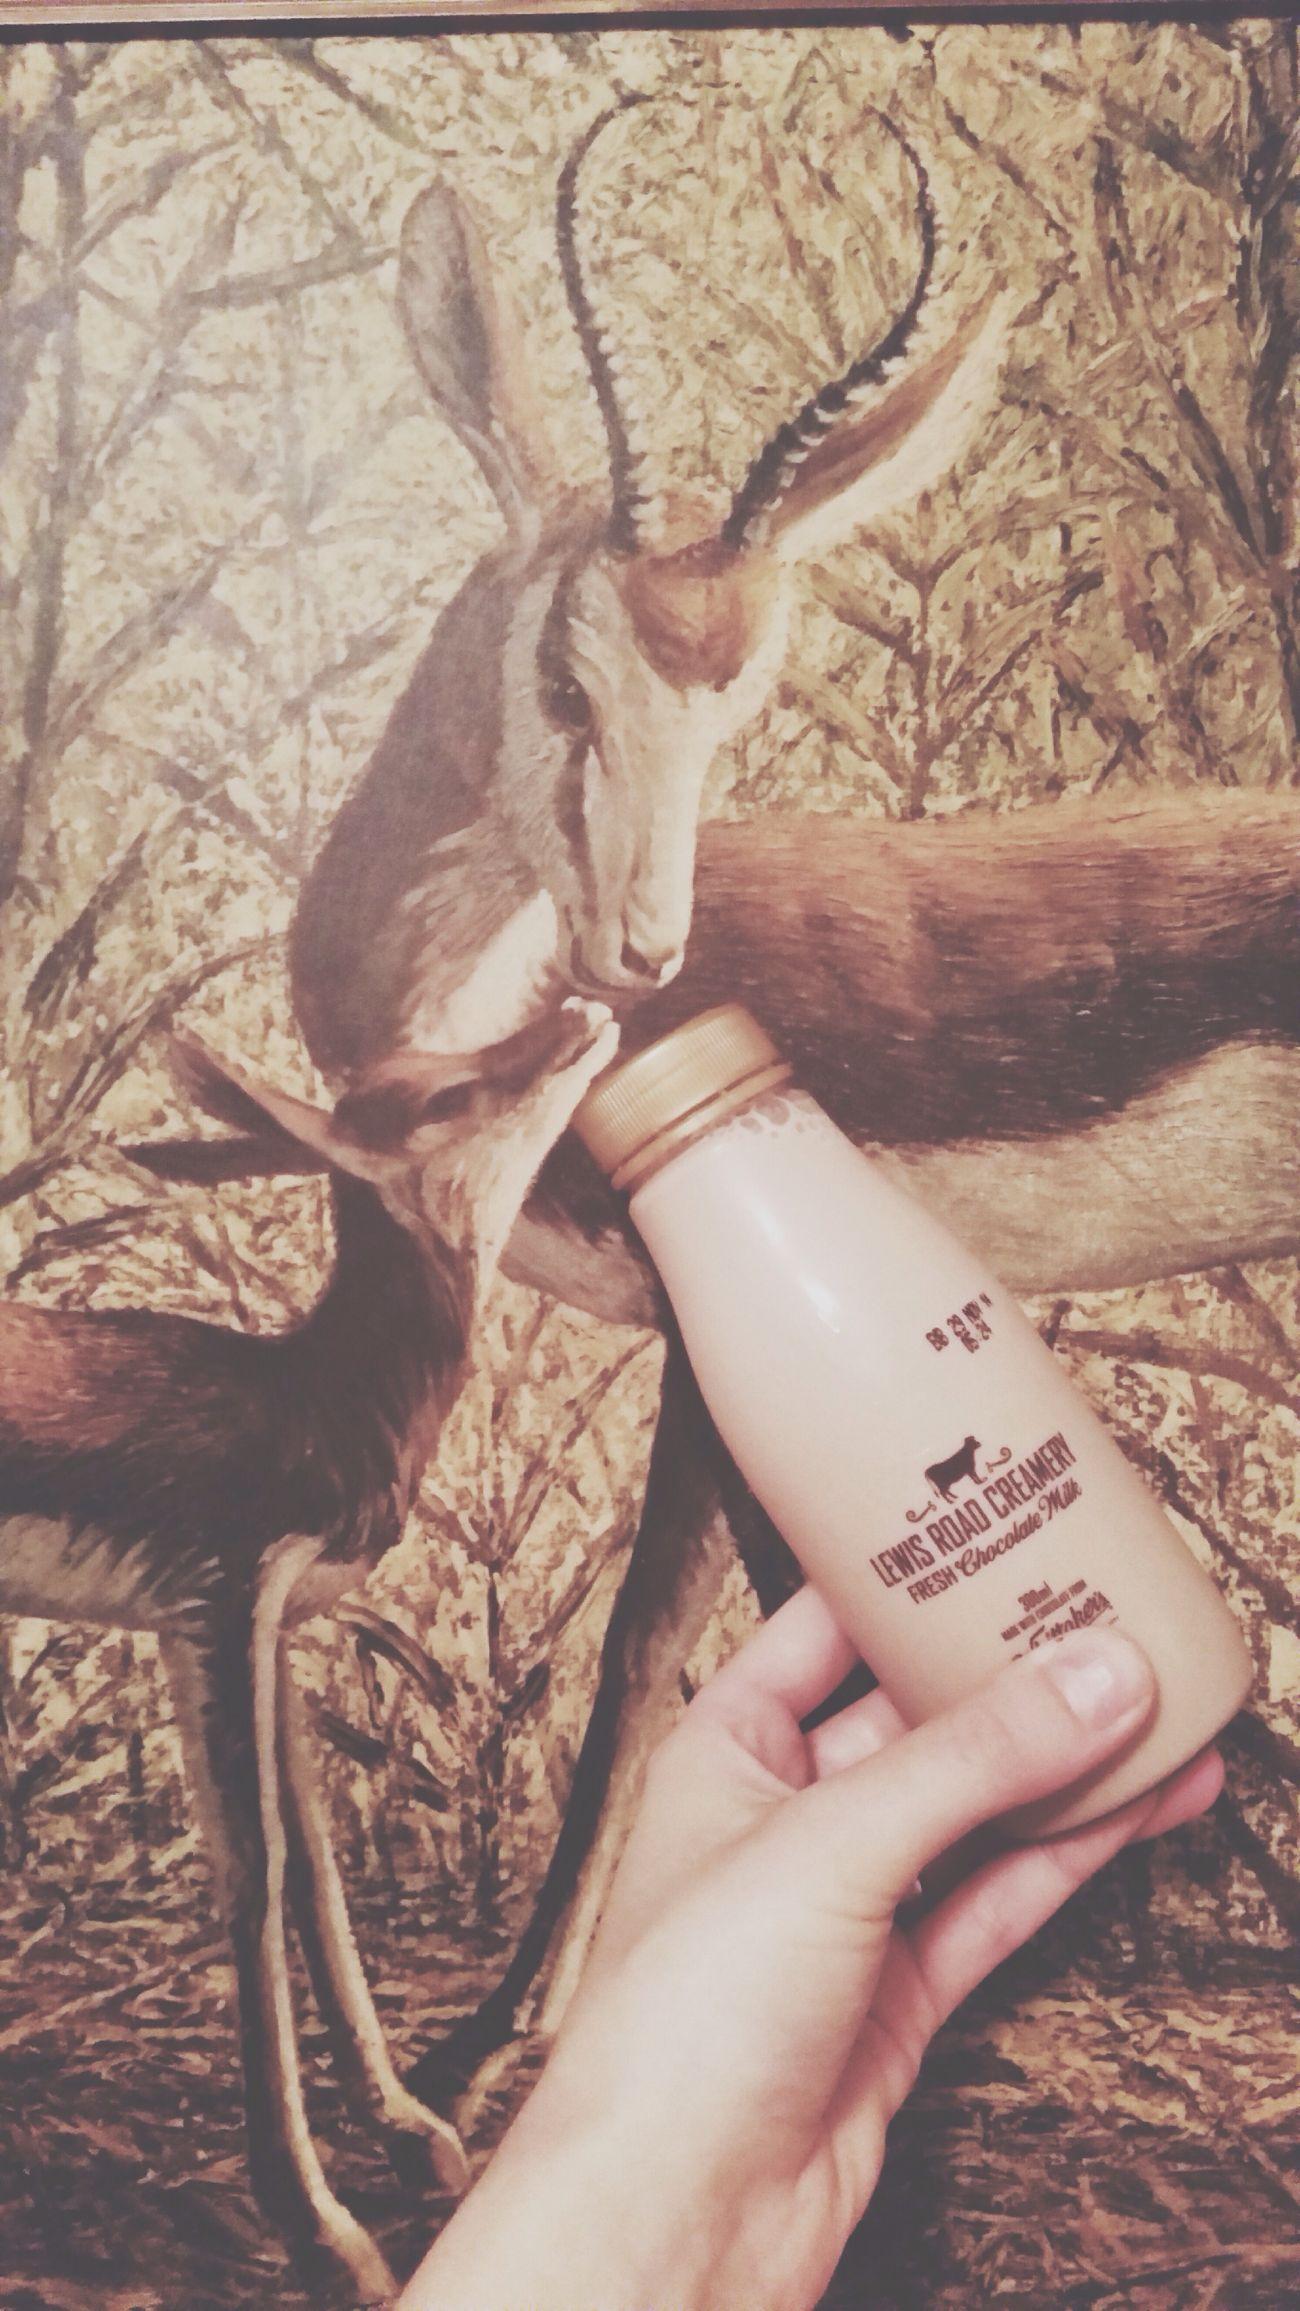 slurp . Chocolate Milk Lewisroad Drank